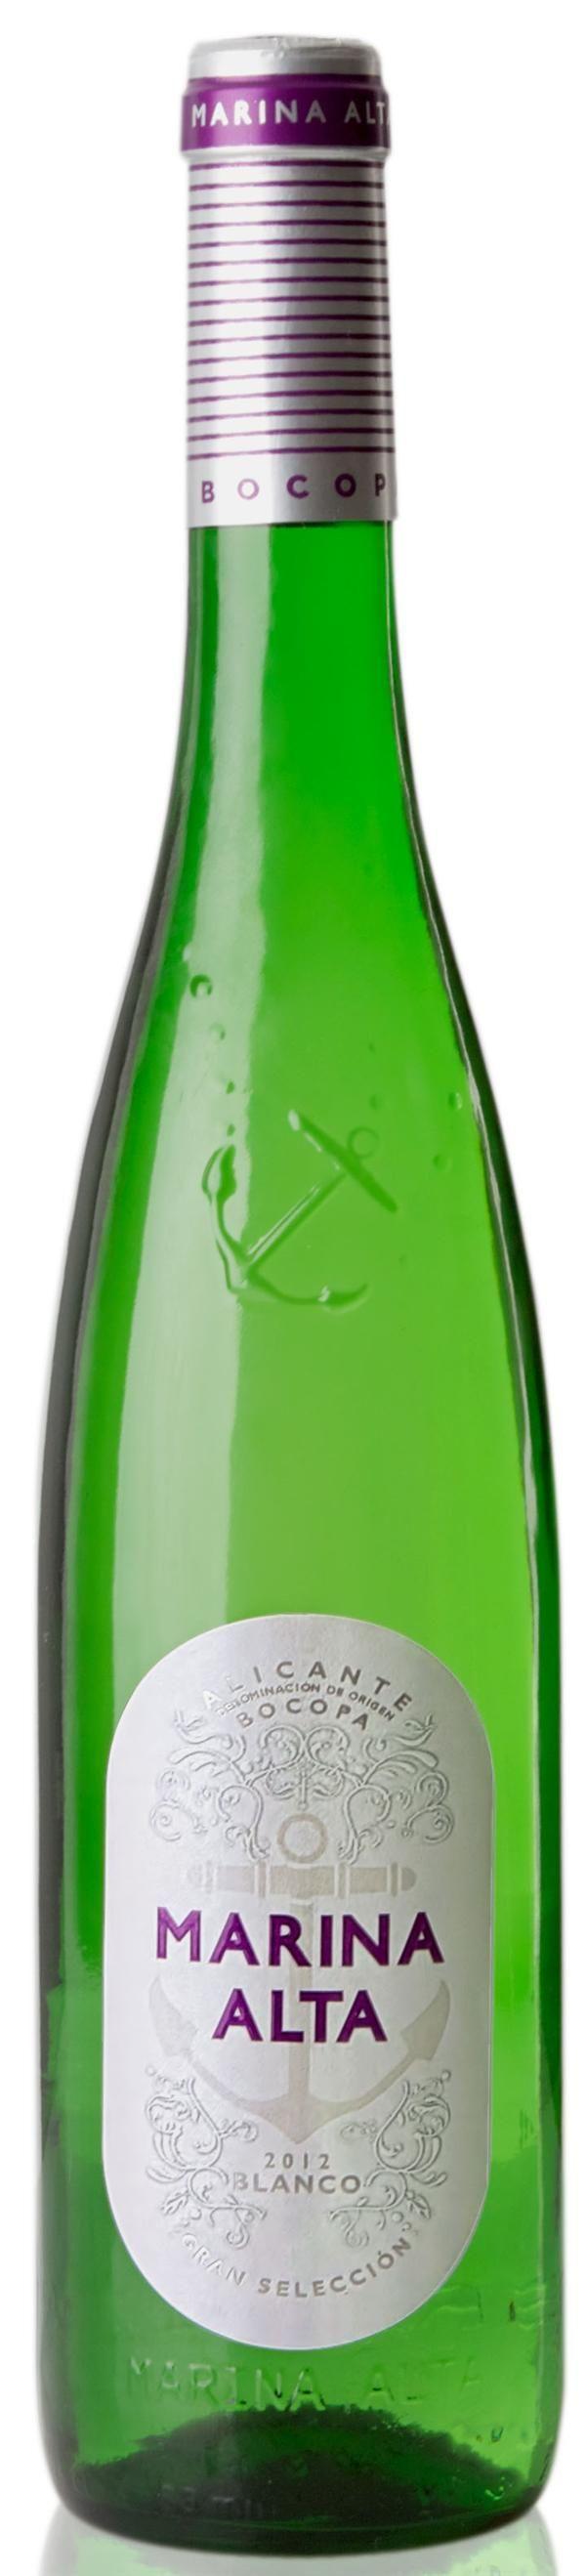 Marina Alta - vinos buenos y baratos, vinos baratos, comprar vino por internet, vinos ribera del duero, tiendas de vino, bodegas de vino, vinos de españa, comprar vino rioja, Vino español, Vino blanco, Vino tinto, Vino Rosado, Vino espumoso, Vino dulce, Cava.